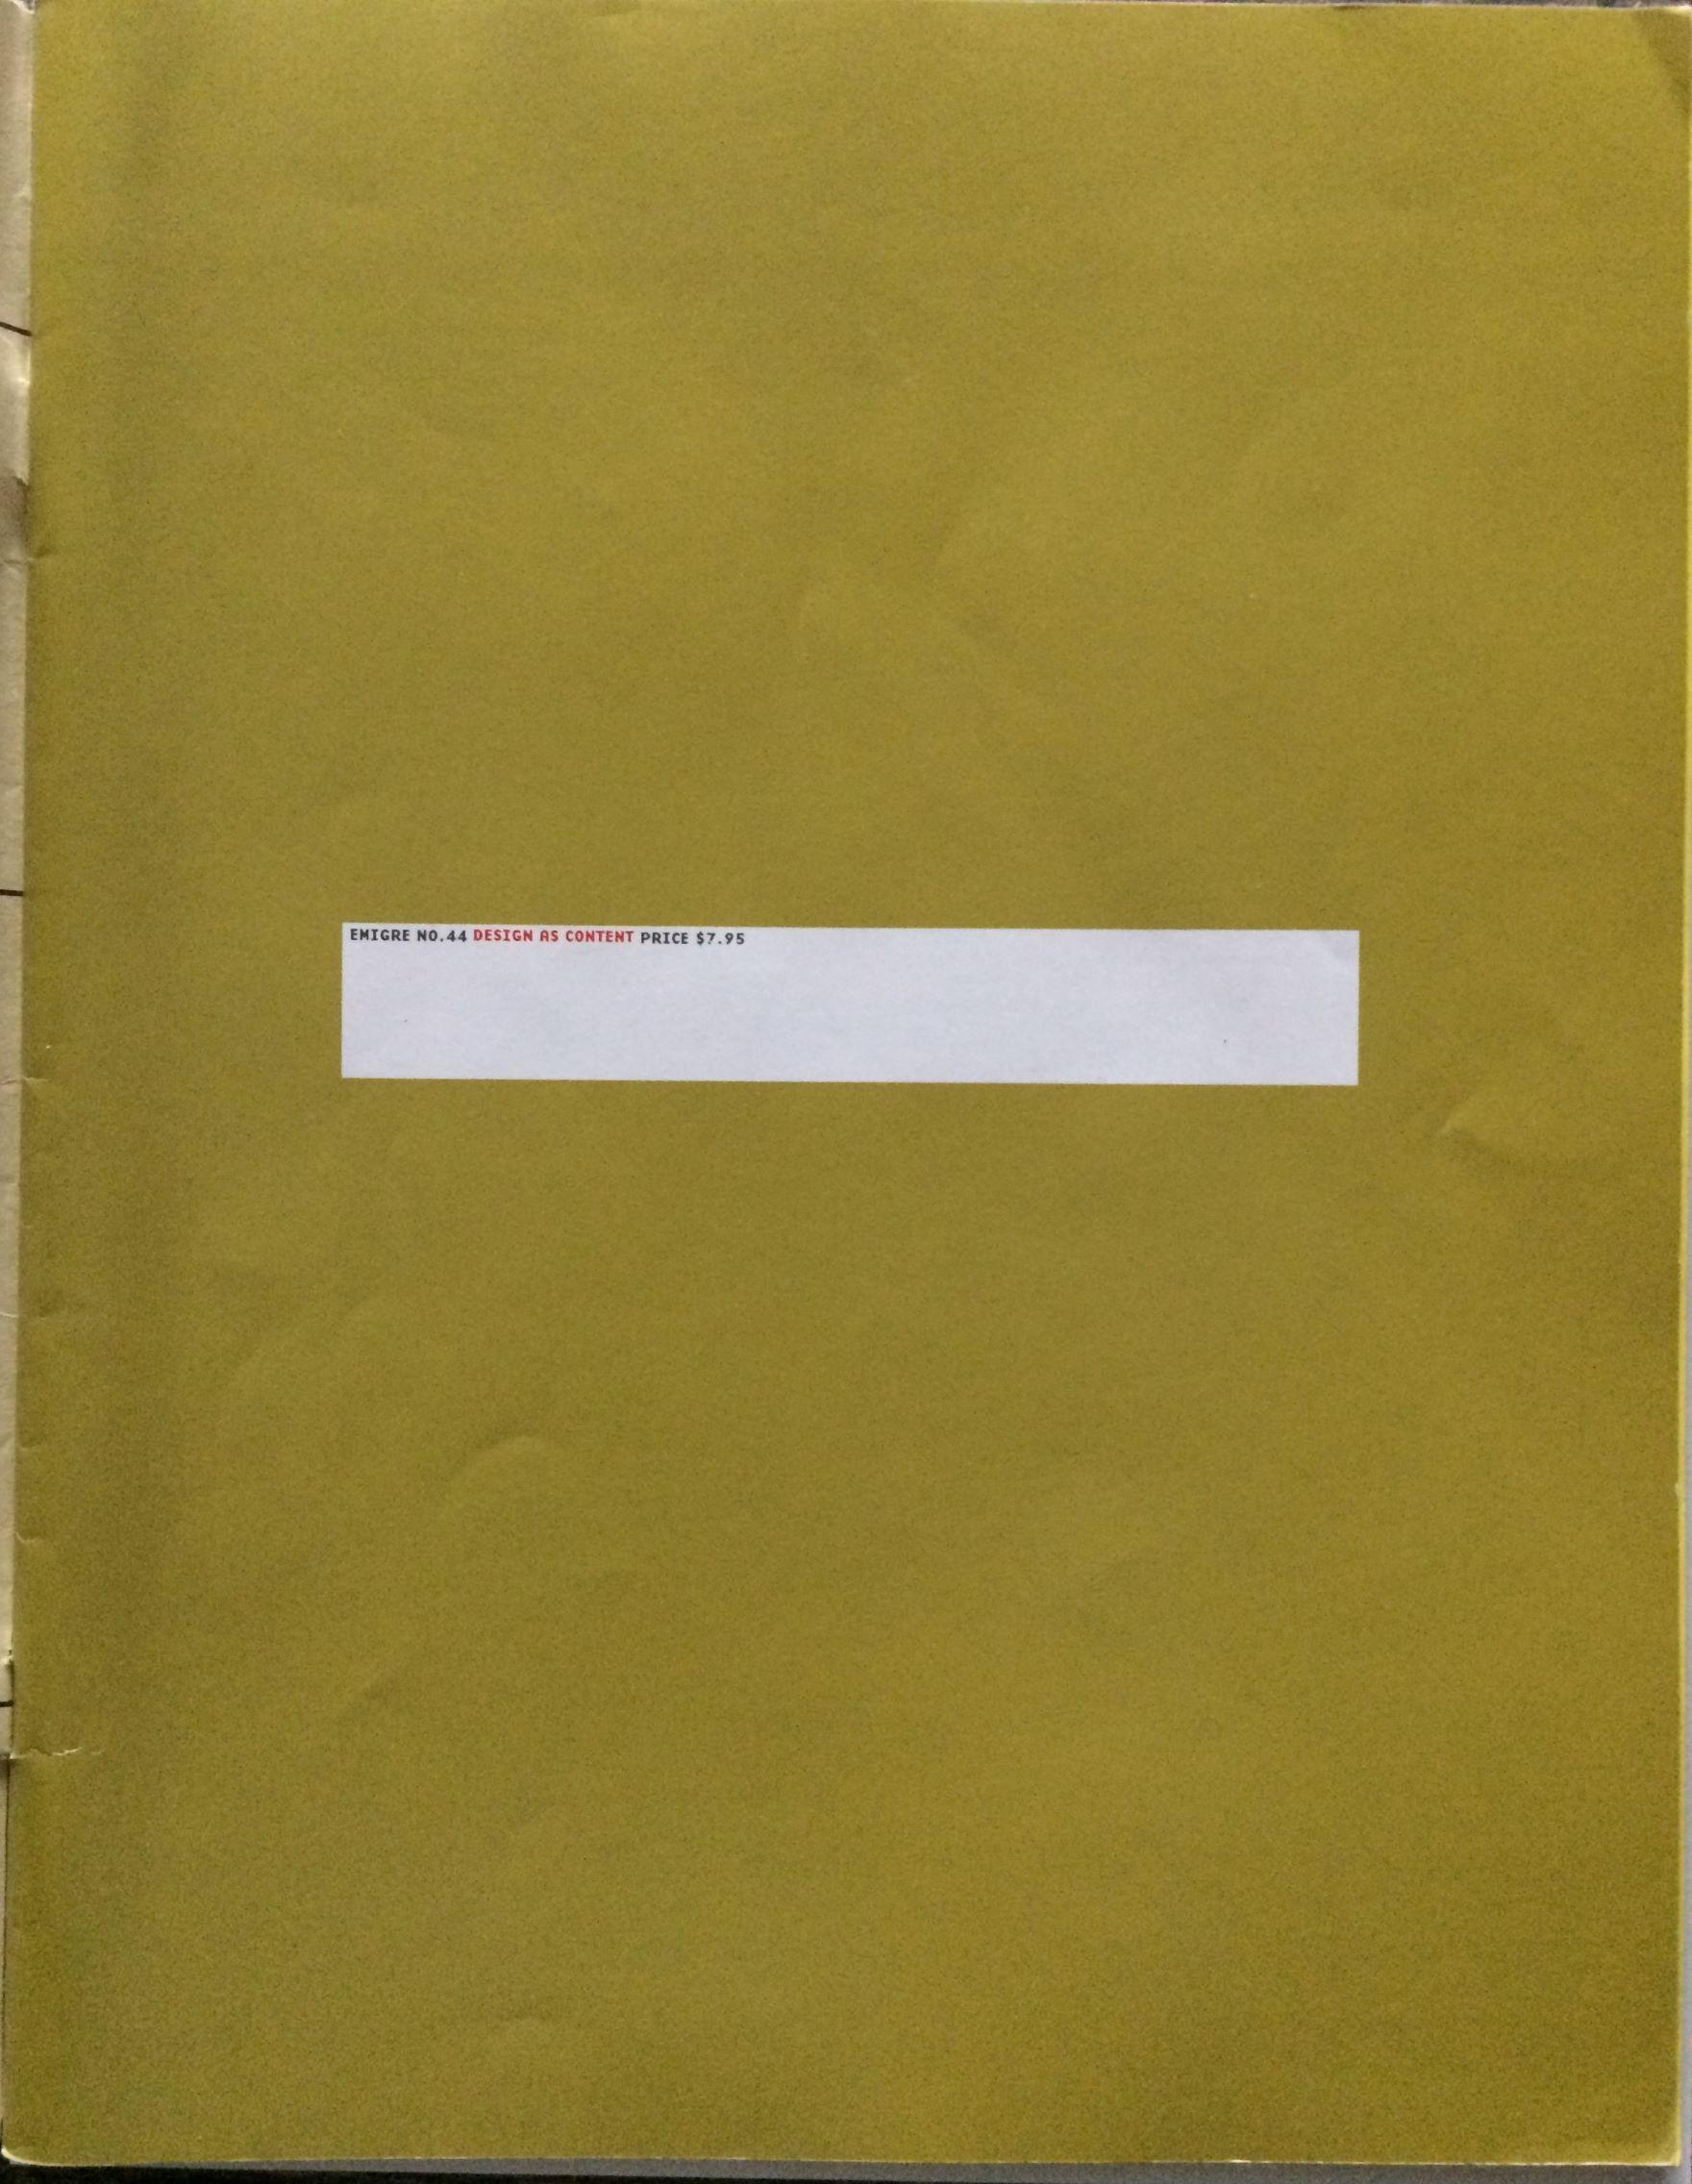 Emigre 44. Design as Content. (Fall 1997).